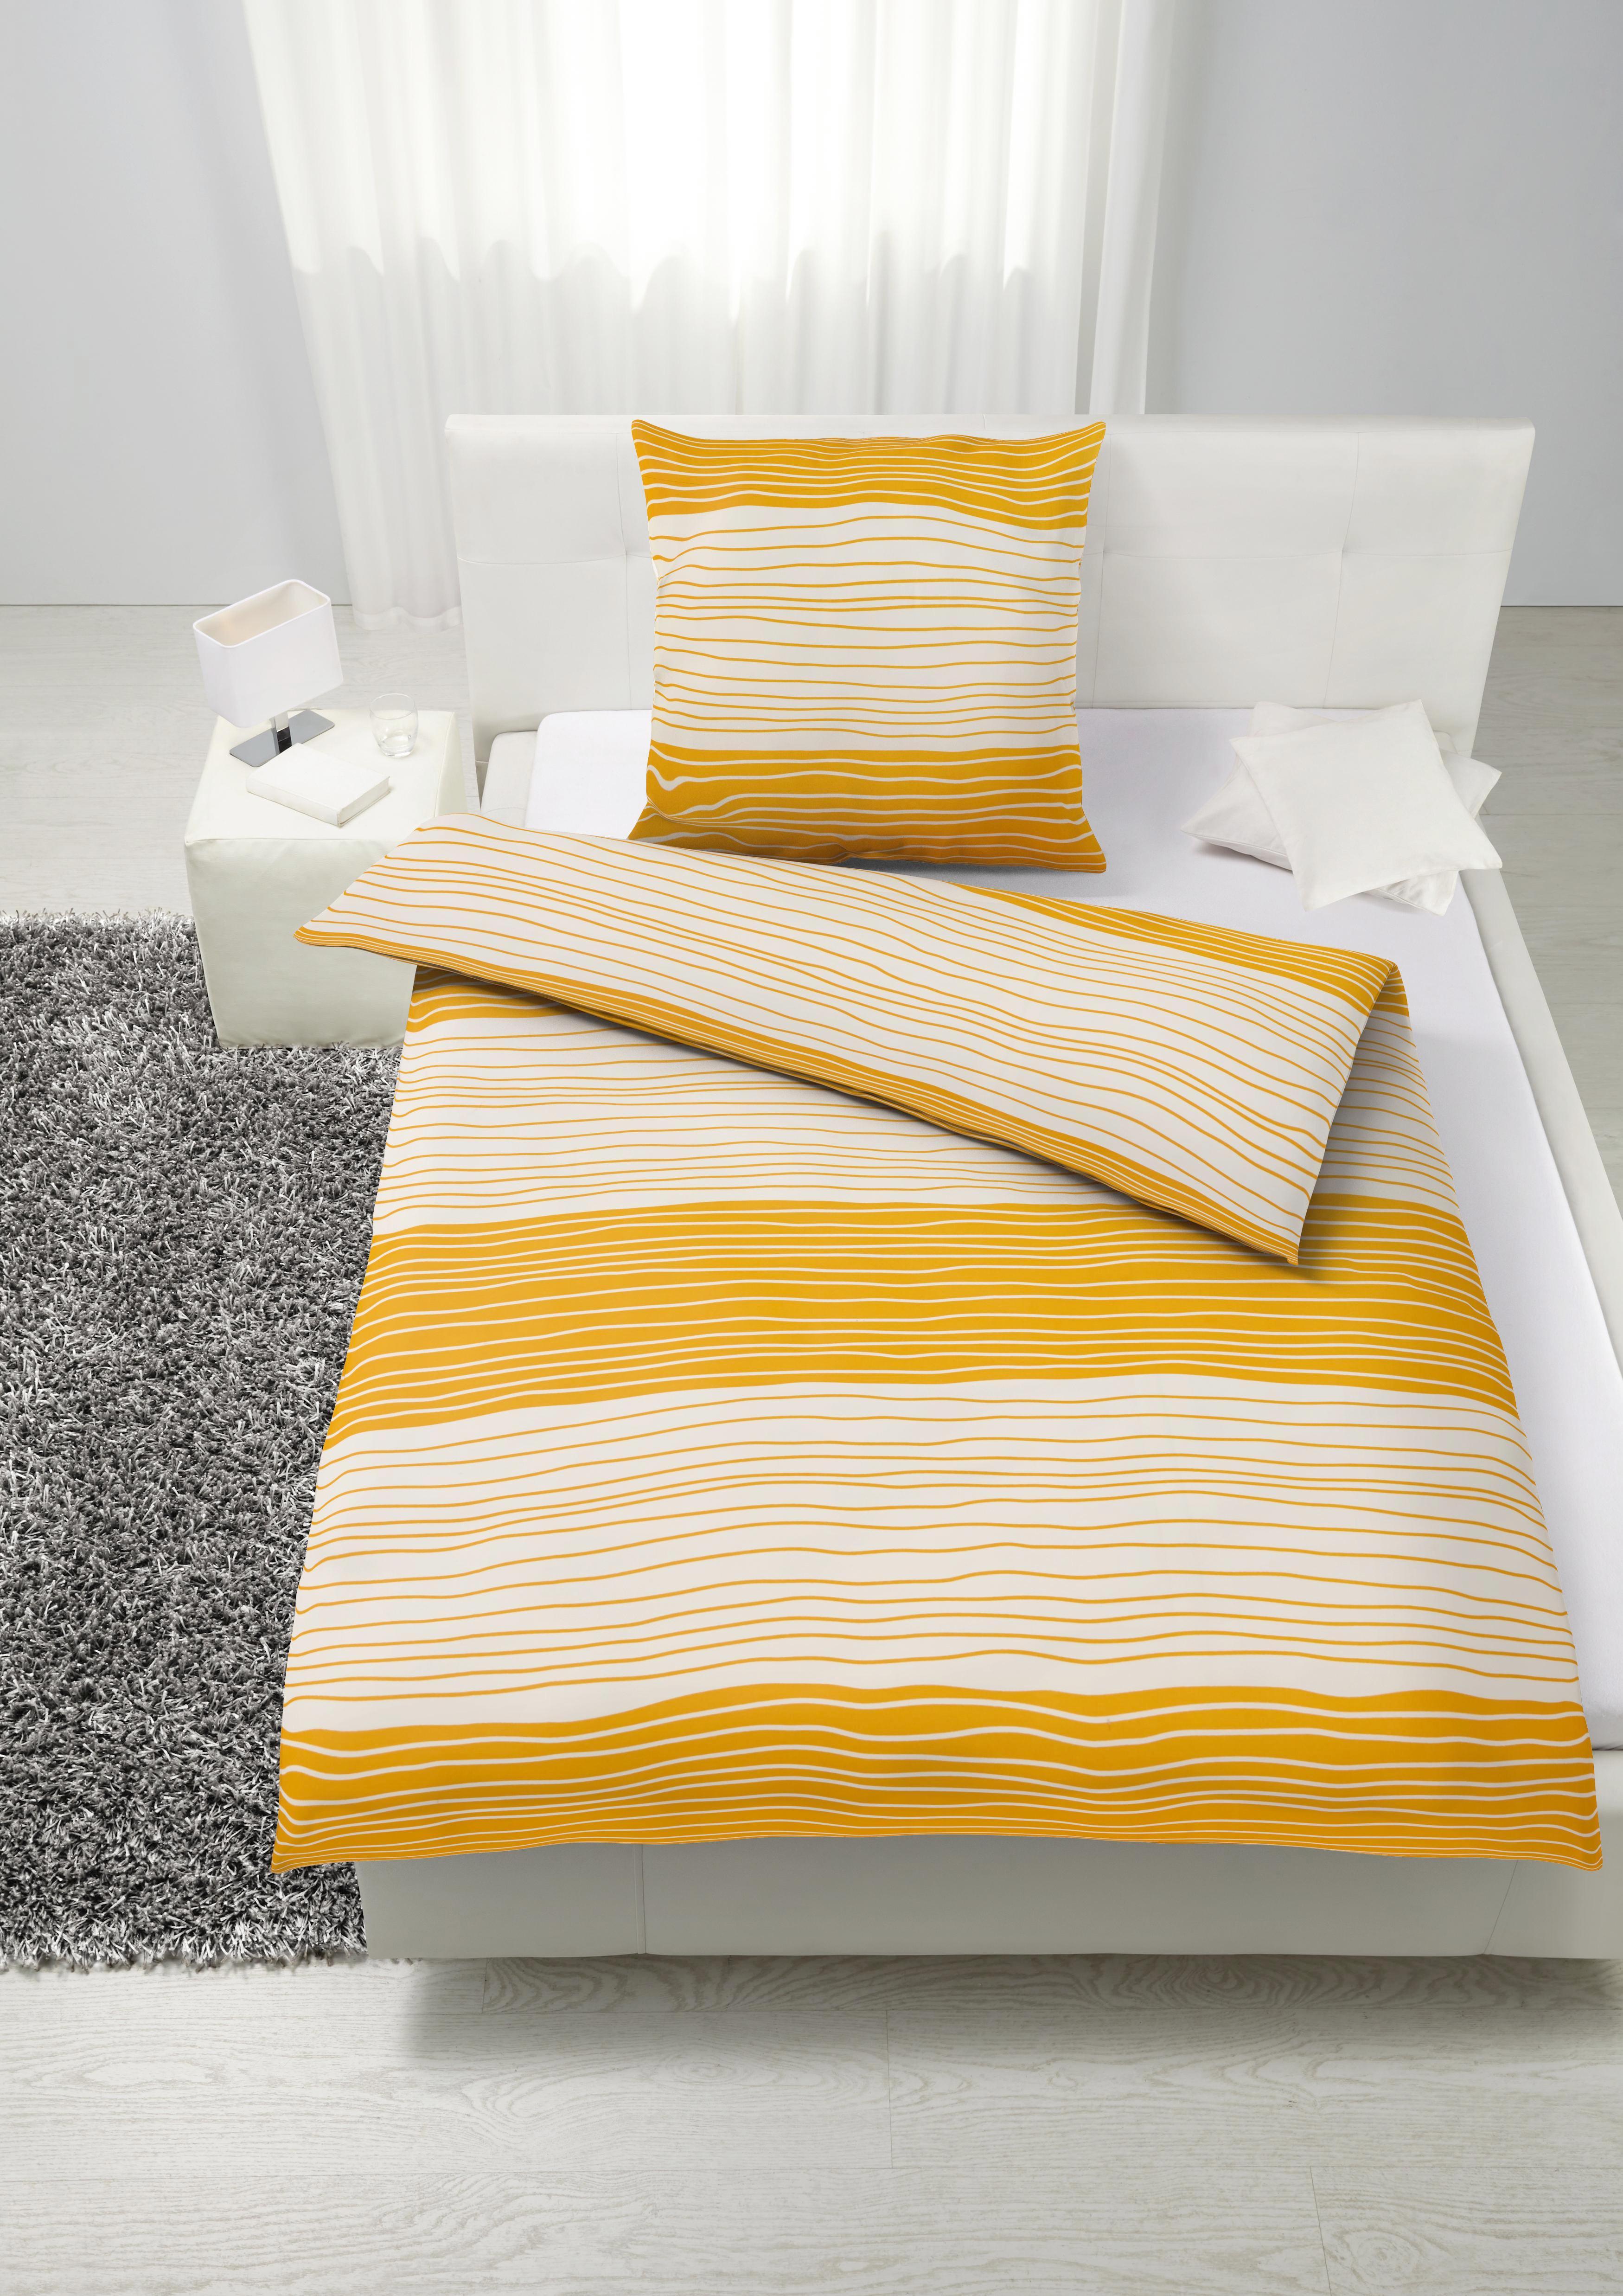 Bettwäsche Vinzenz in Blau/Grün/orange - Blau/Orange, Textil - MÖMAX modern living